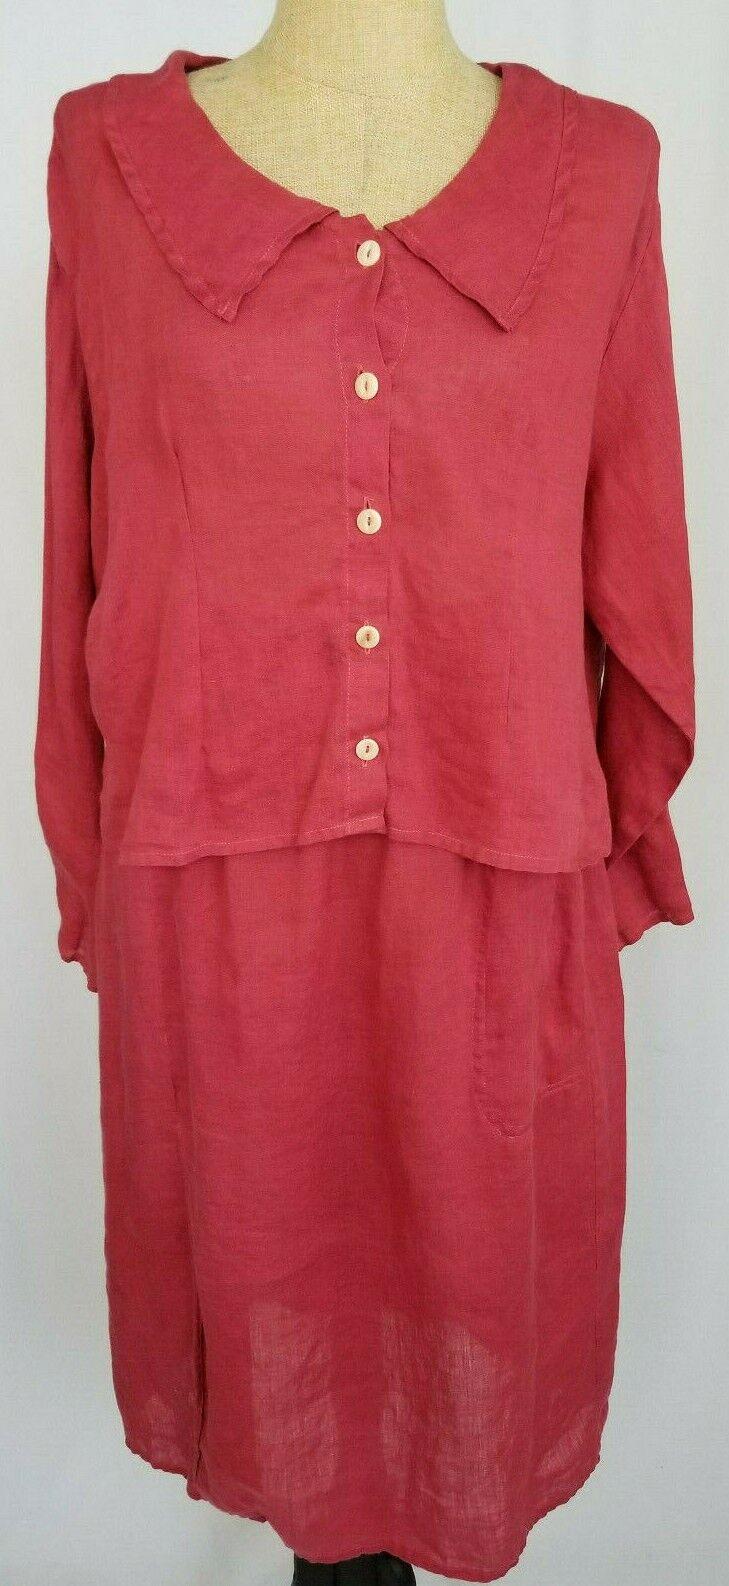 Flax 100% Linen Top Skirt Set Size Medium Red Button Down Long Sleeve Women's